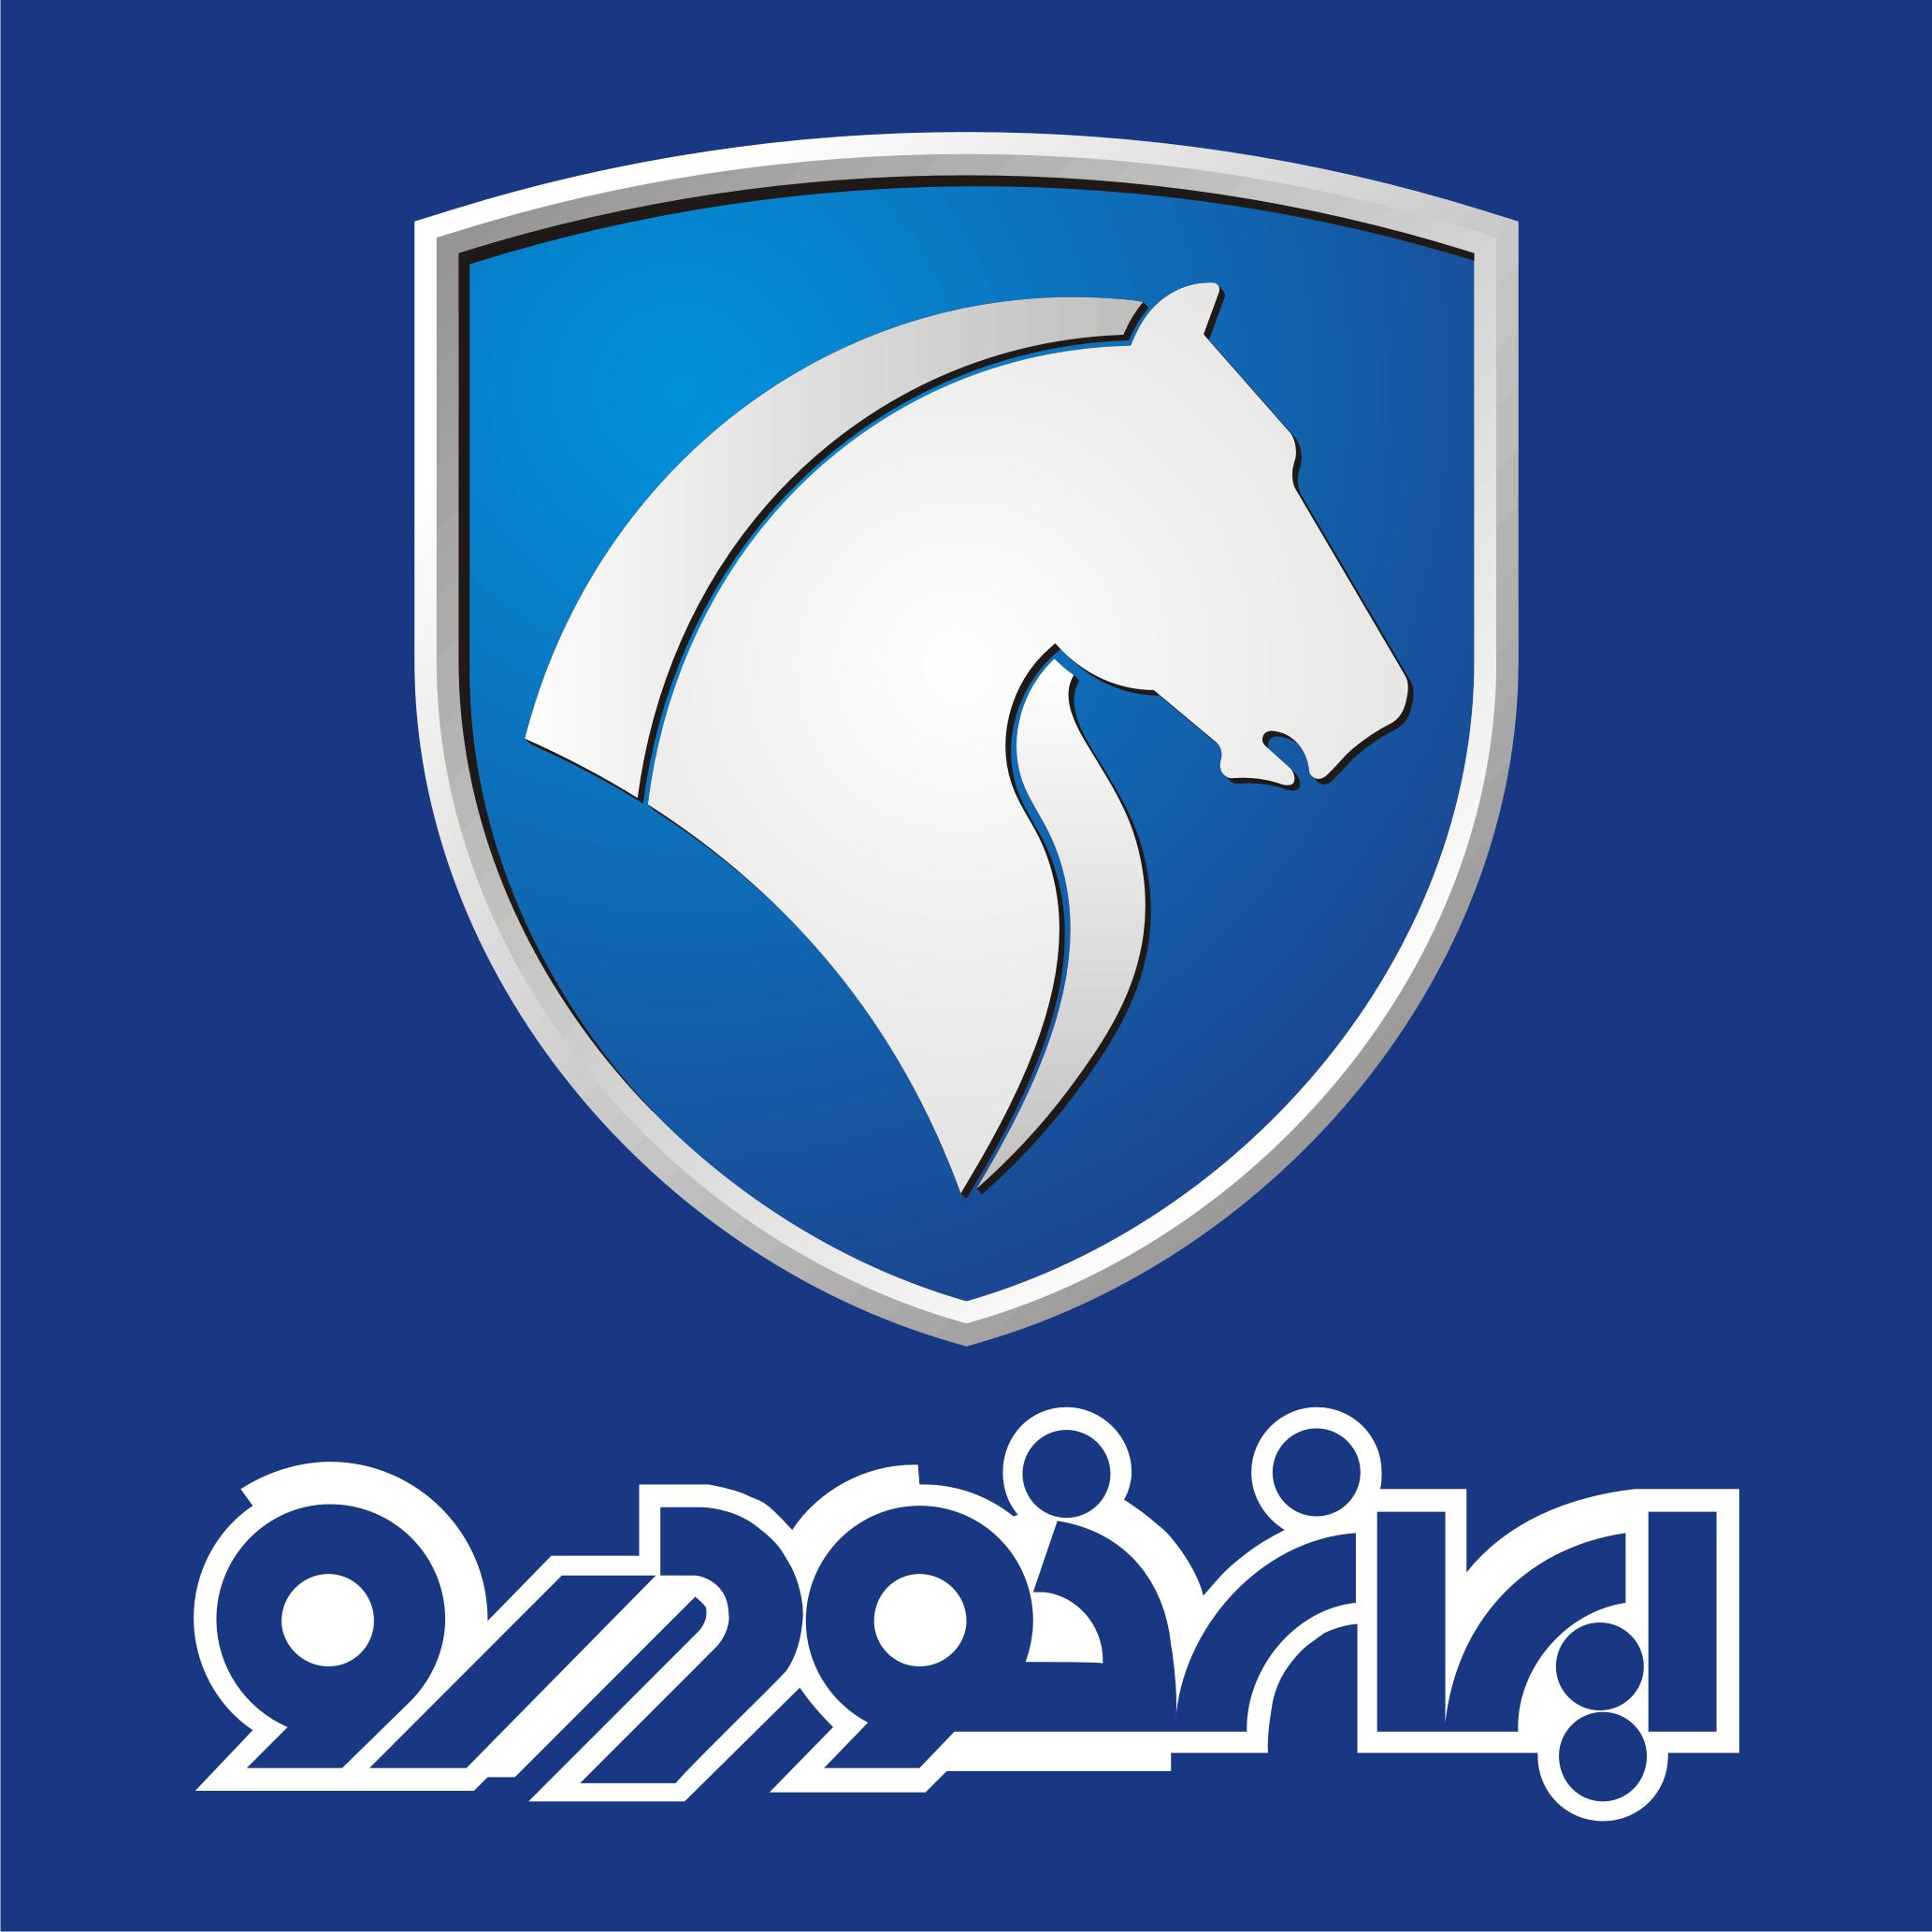 معاون سابق فروش ایران خودرو بازداشت شد/ناقدی جانشین جدید قائم فروش